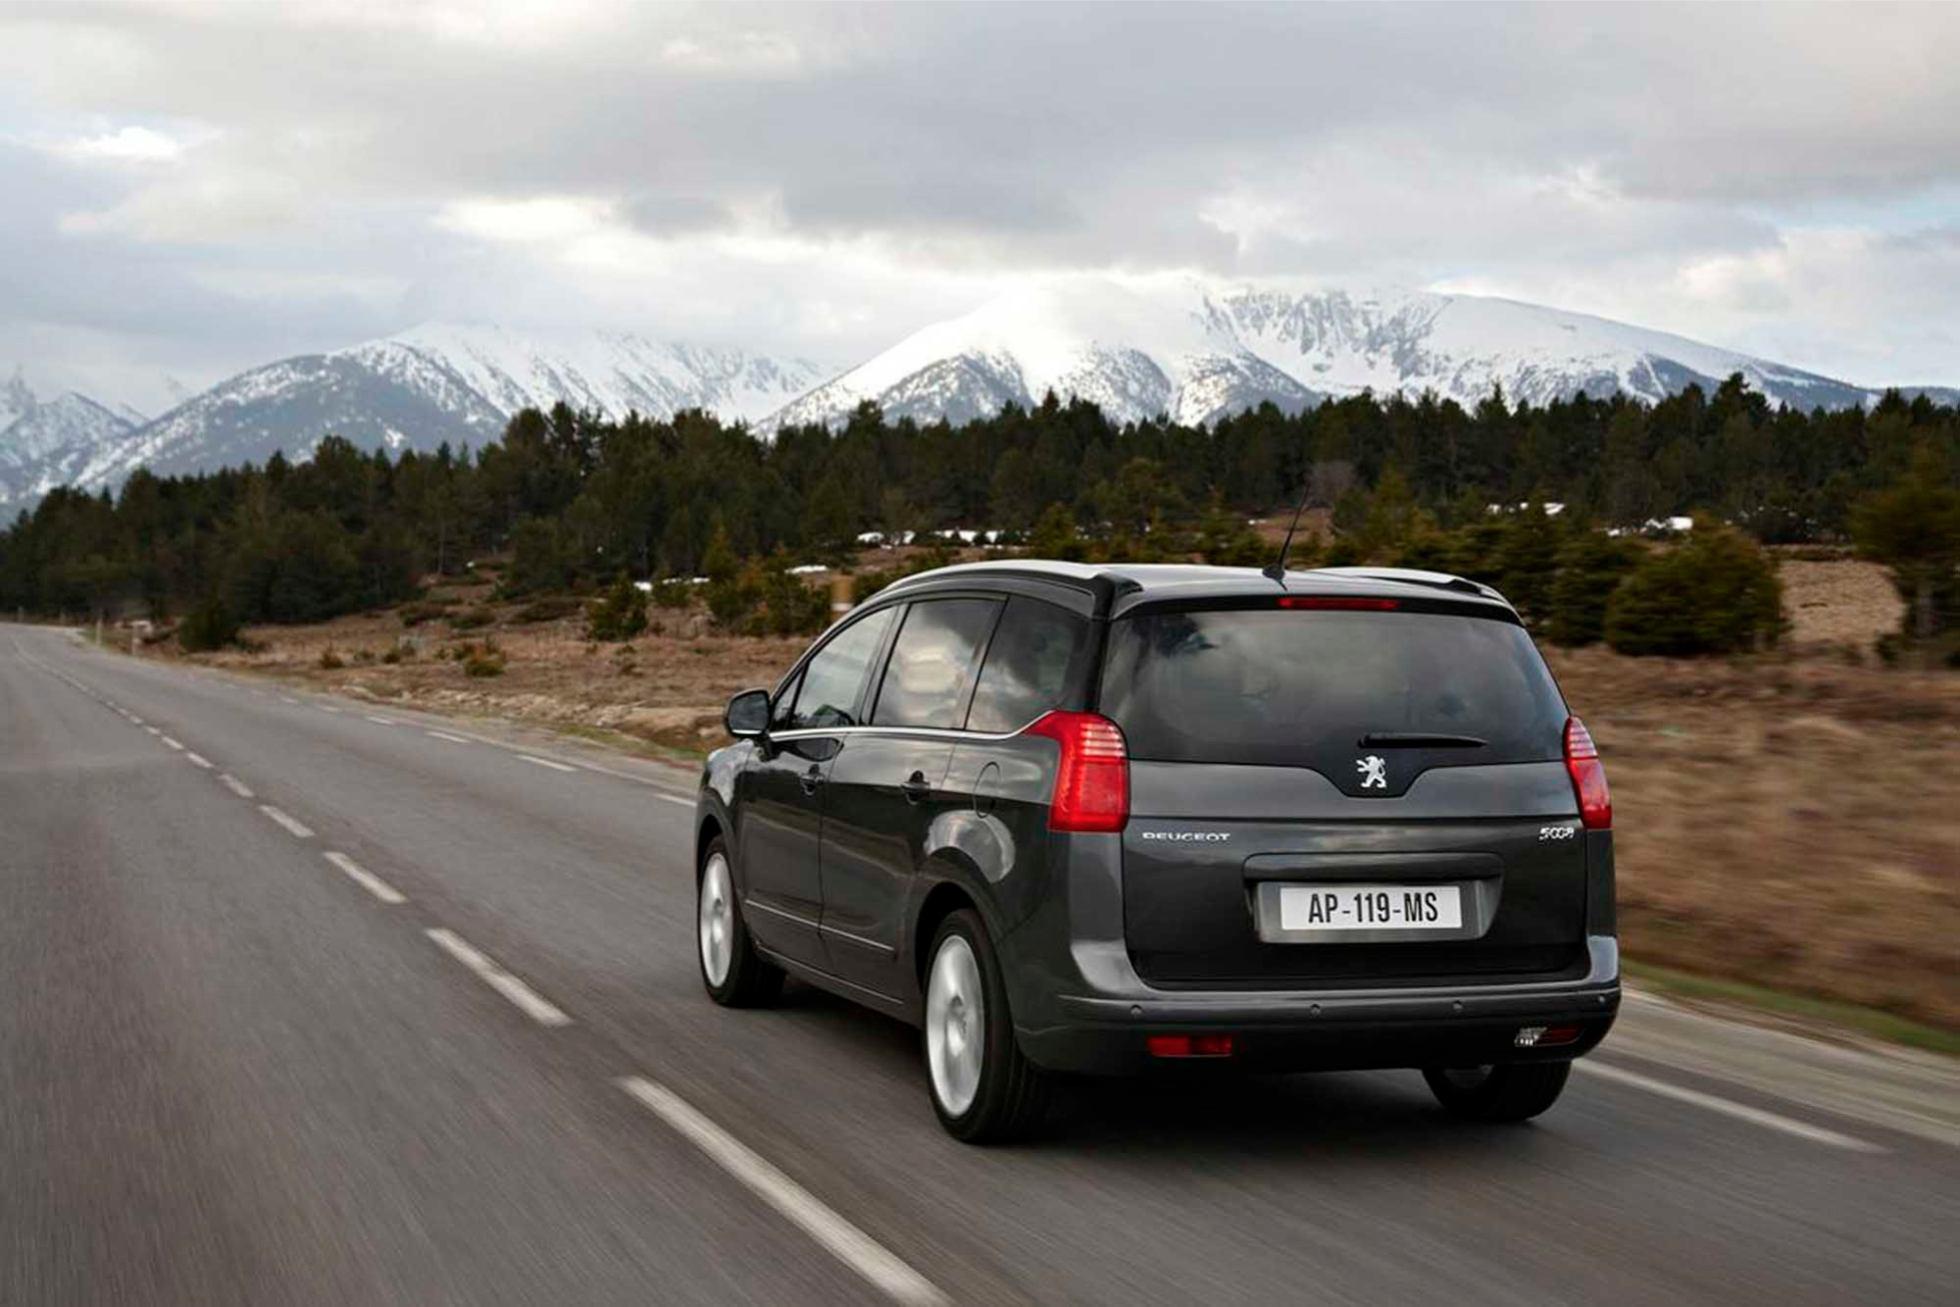 Peugeot  5008    http://www.voiturepourlui.com/images/Peugeot//Exterieur/Peugeot_5008_016.jpg